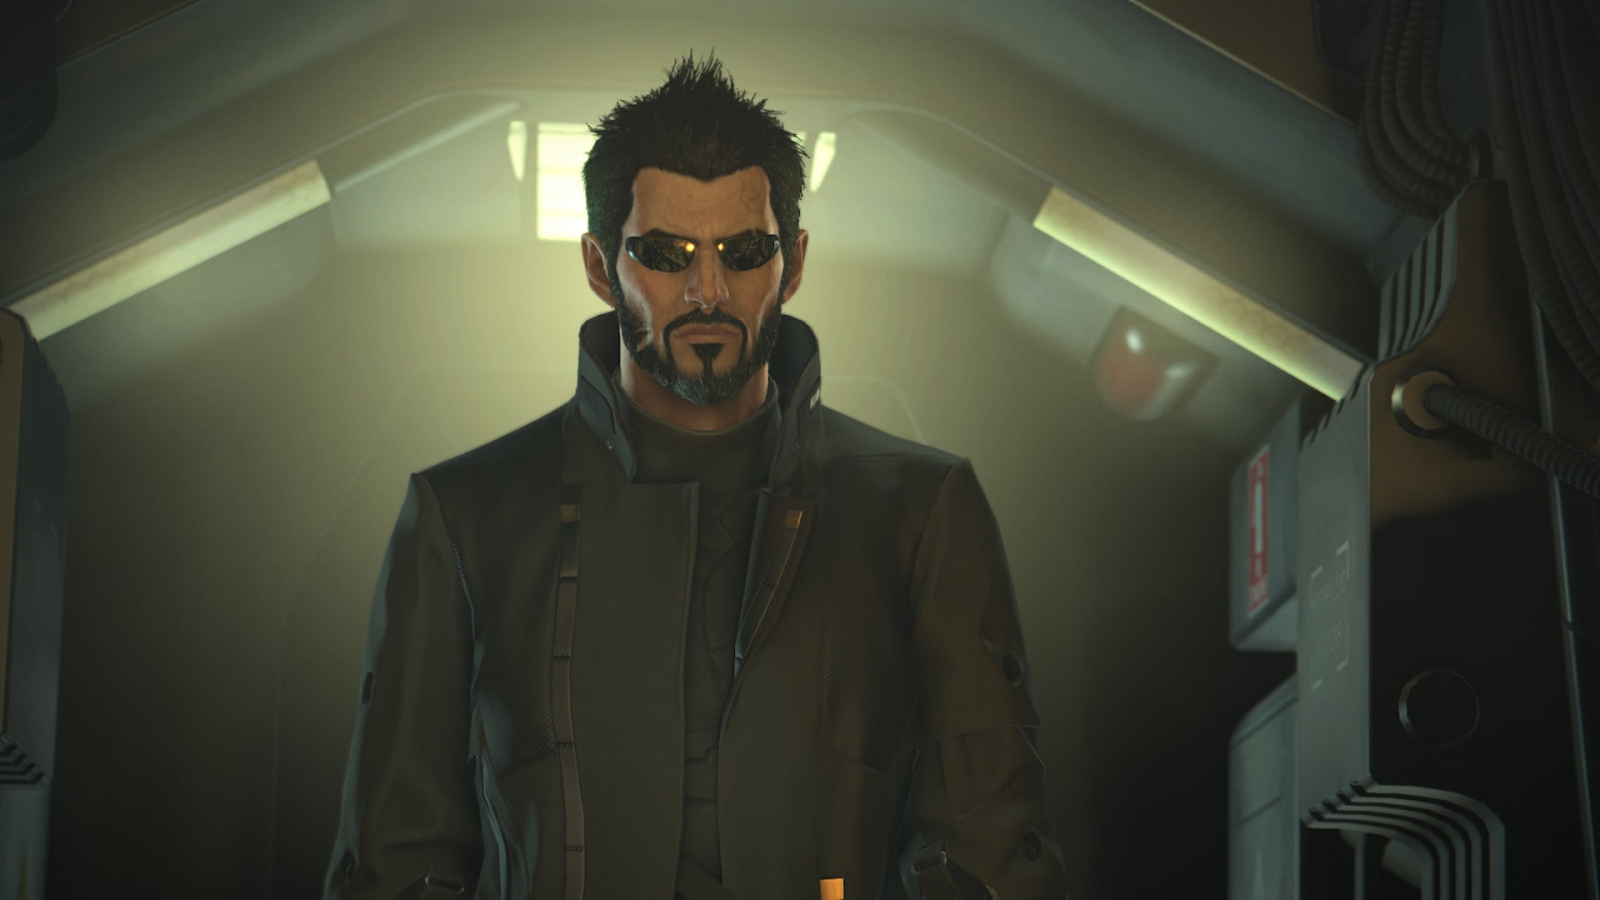 SQUARE ENIX - Games - Deus Ex: Mankind Divided